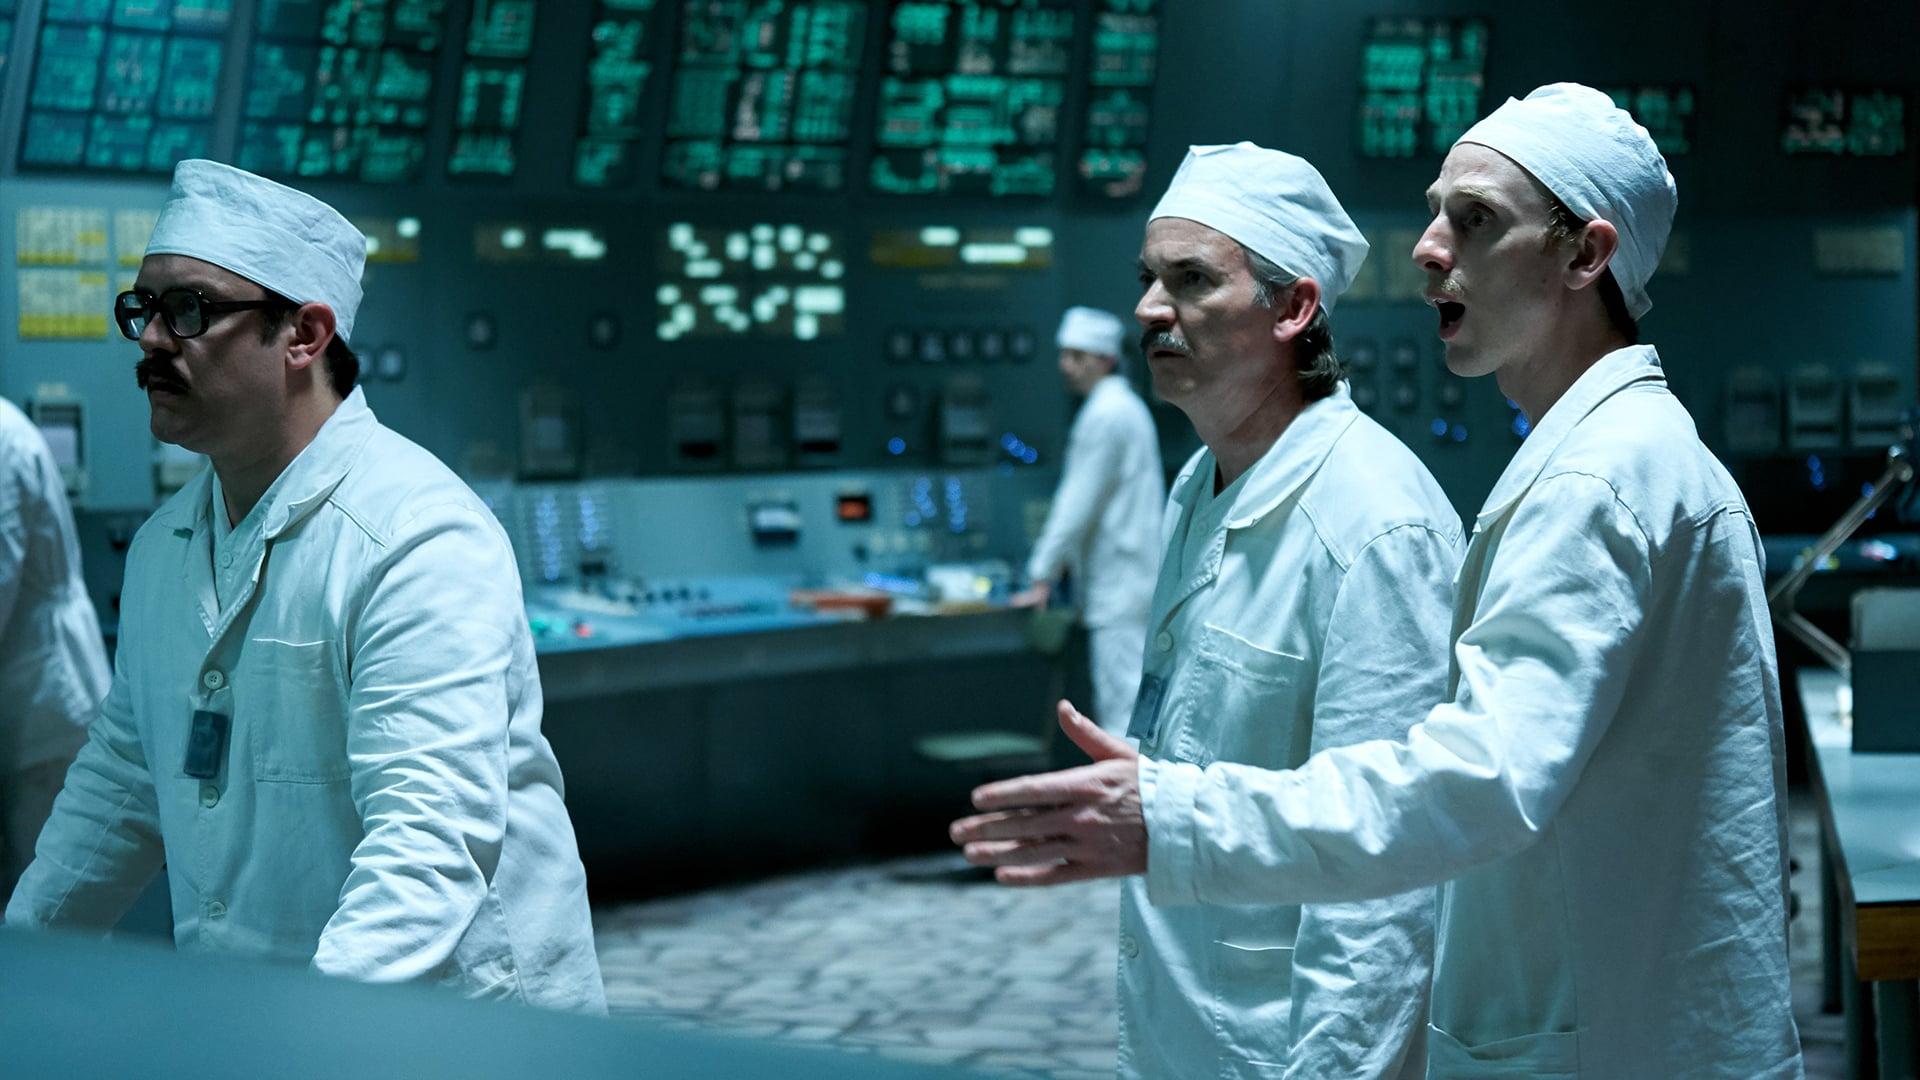 Сериал «Чернобыль» получил более высокие оценки, чем «Мстители: Финал»